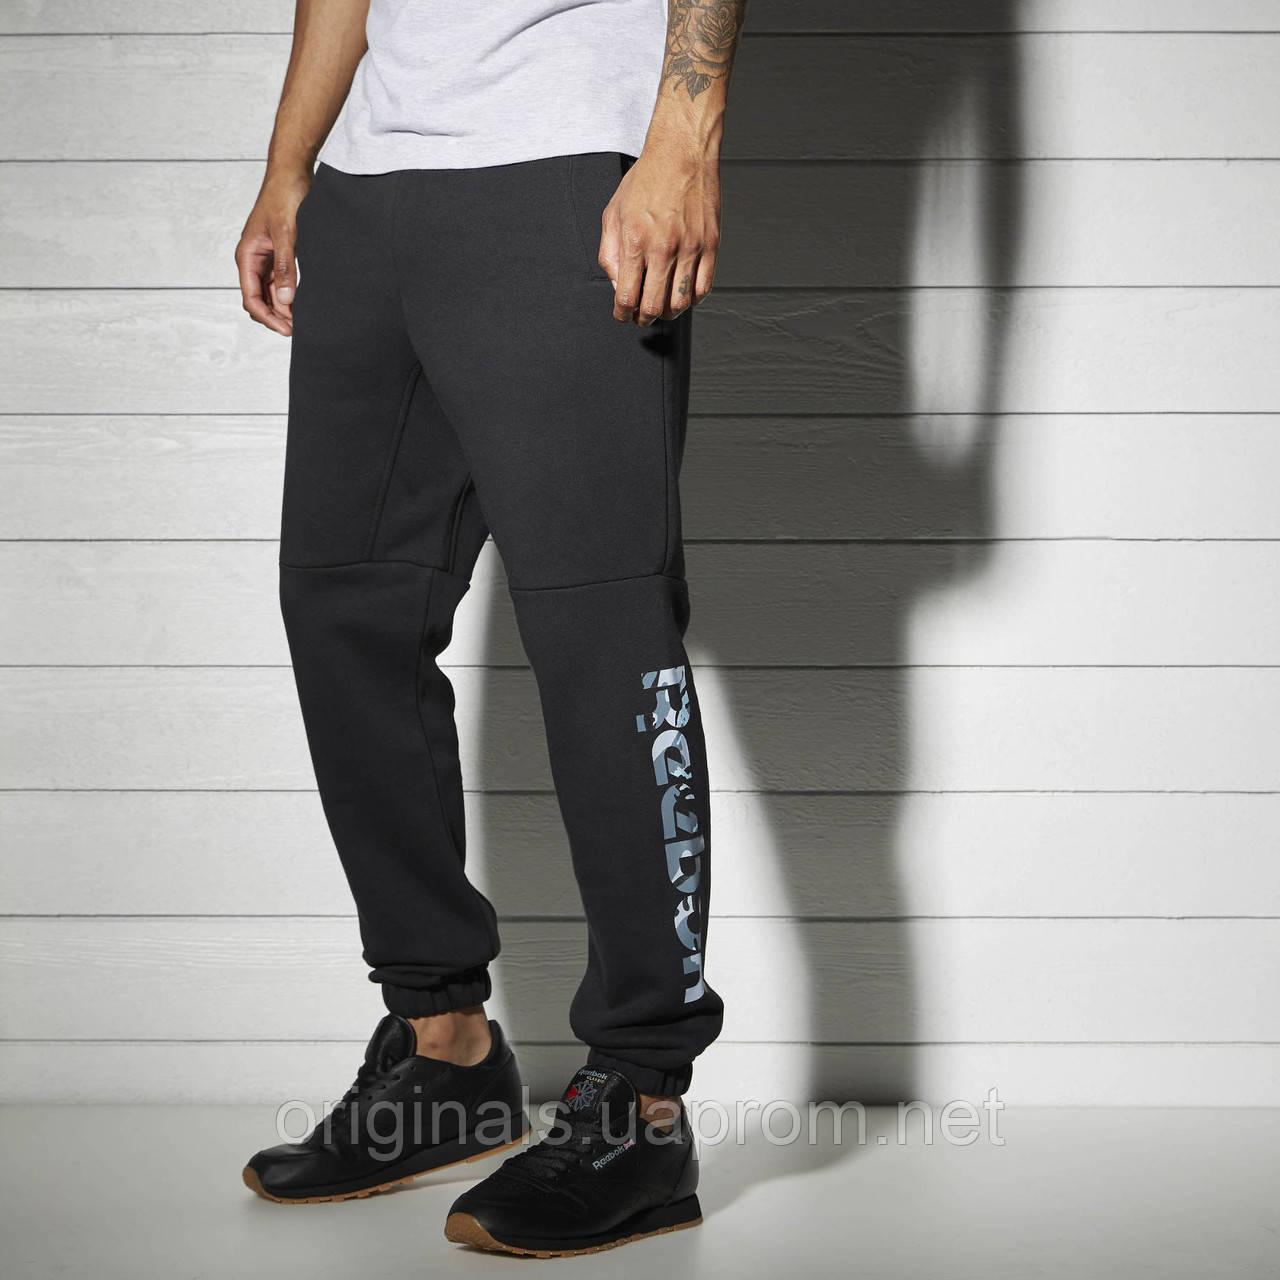 dc1502d044f19 Флисовые спортивные брюки Reebok Fleece Pant Black BK5024 -  интернет-магазин Originals - Оригинальный Адидас